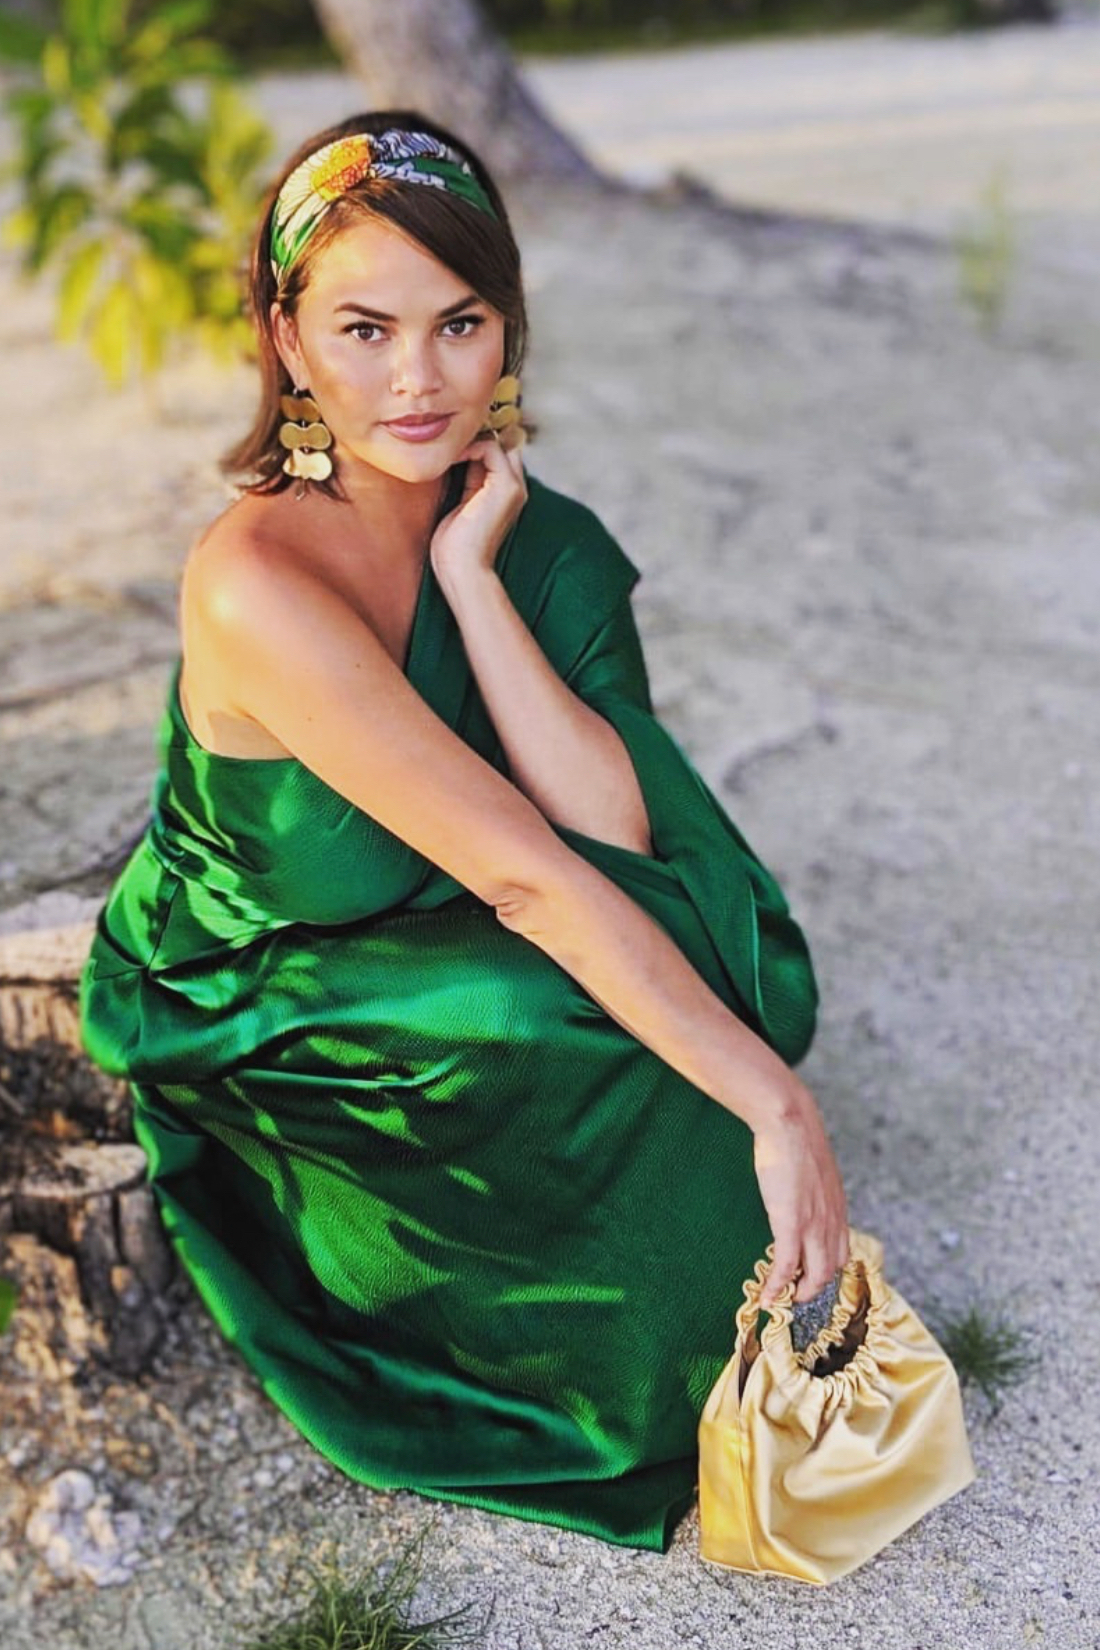 dress chrissy teigen celebrity summer dress maxi dress